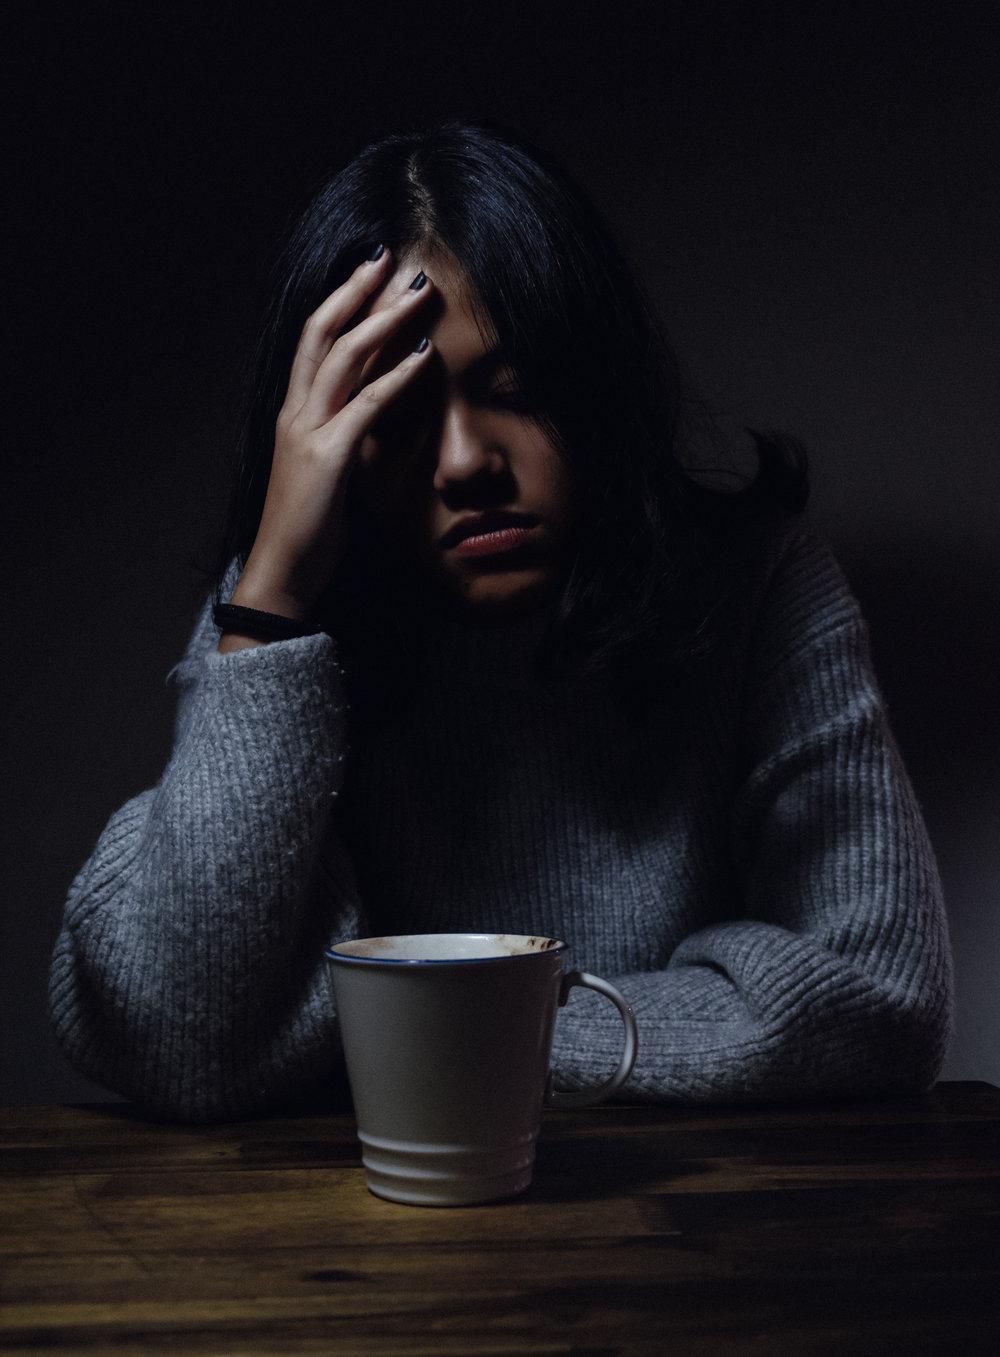 nootropic-depression